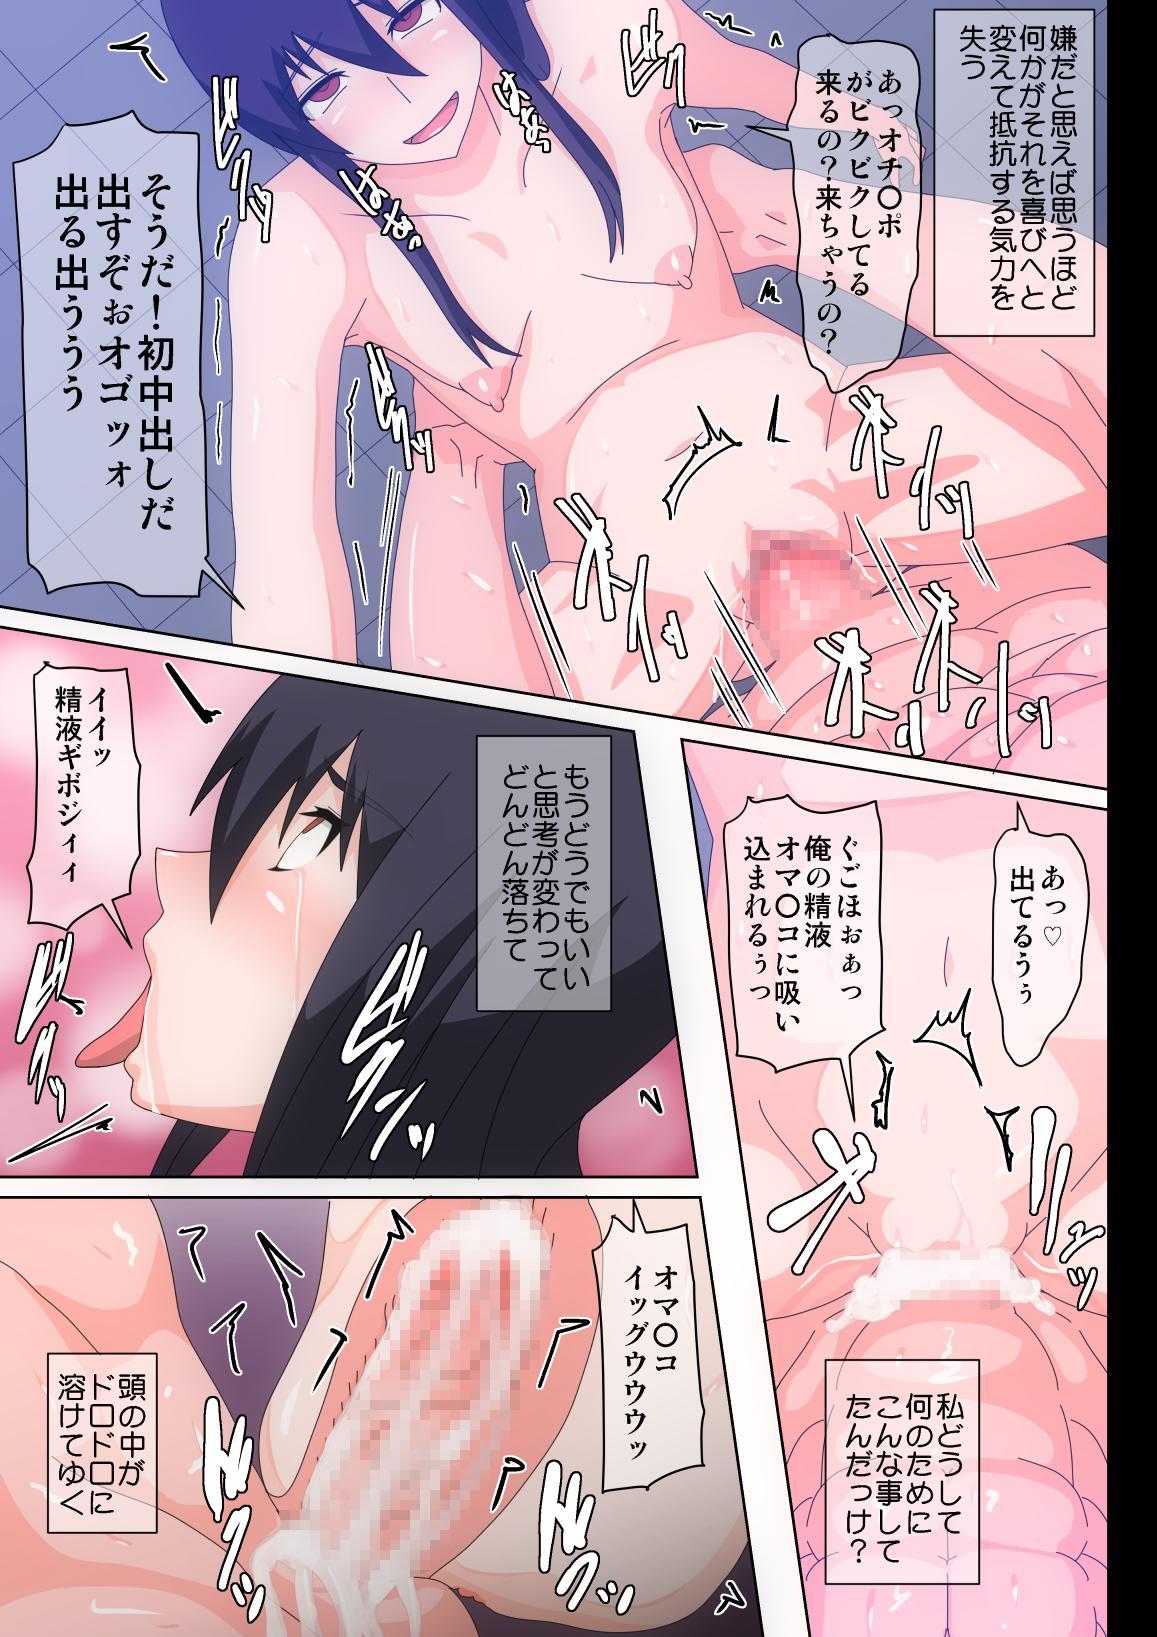 Watashi-tachi ga Sennou sare Inran Onna to Kashi Zenshin Omanko Joutai ni Naru made Choukyou sare Ian Pet toshite Shuppin sareru made no Monogatari 34